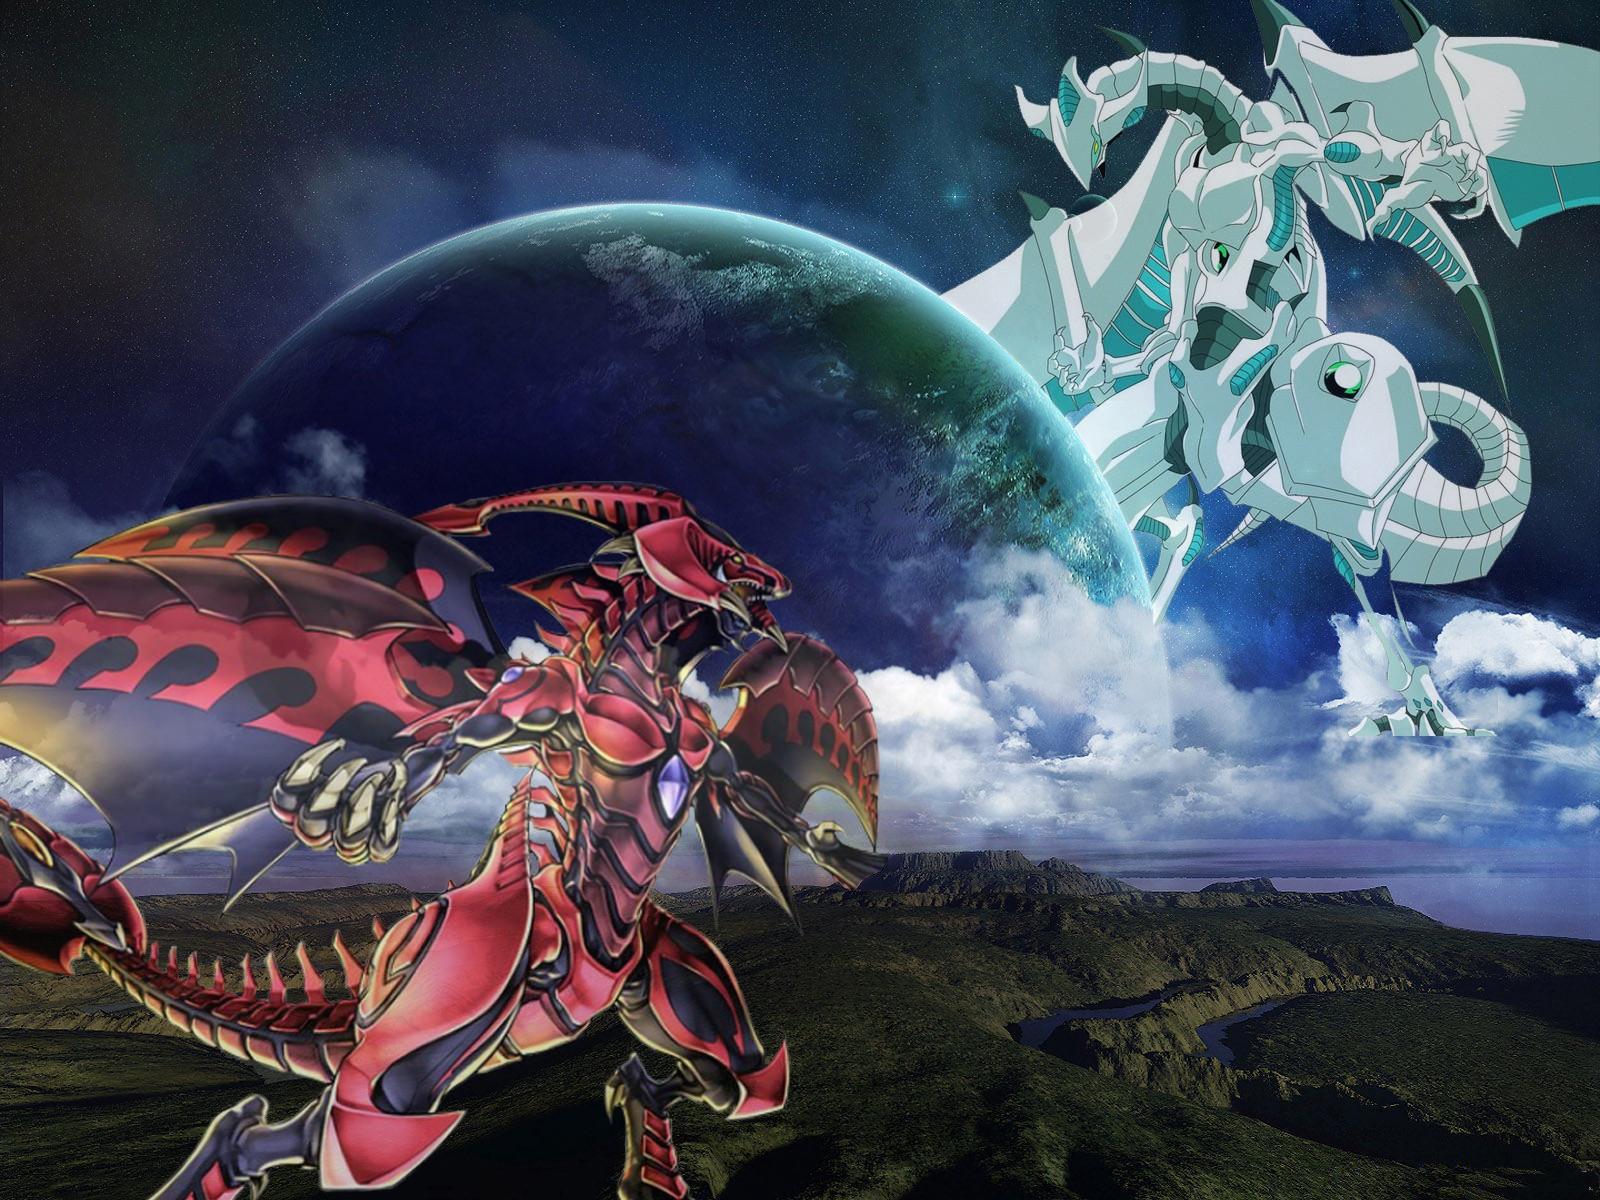 Yu Gi Oh Shooting Star Dragon